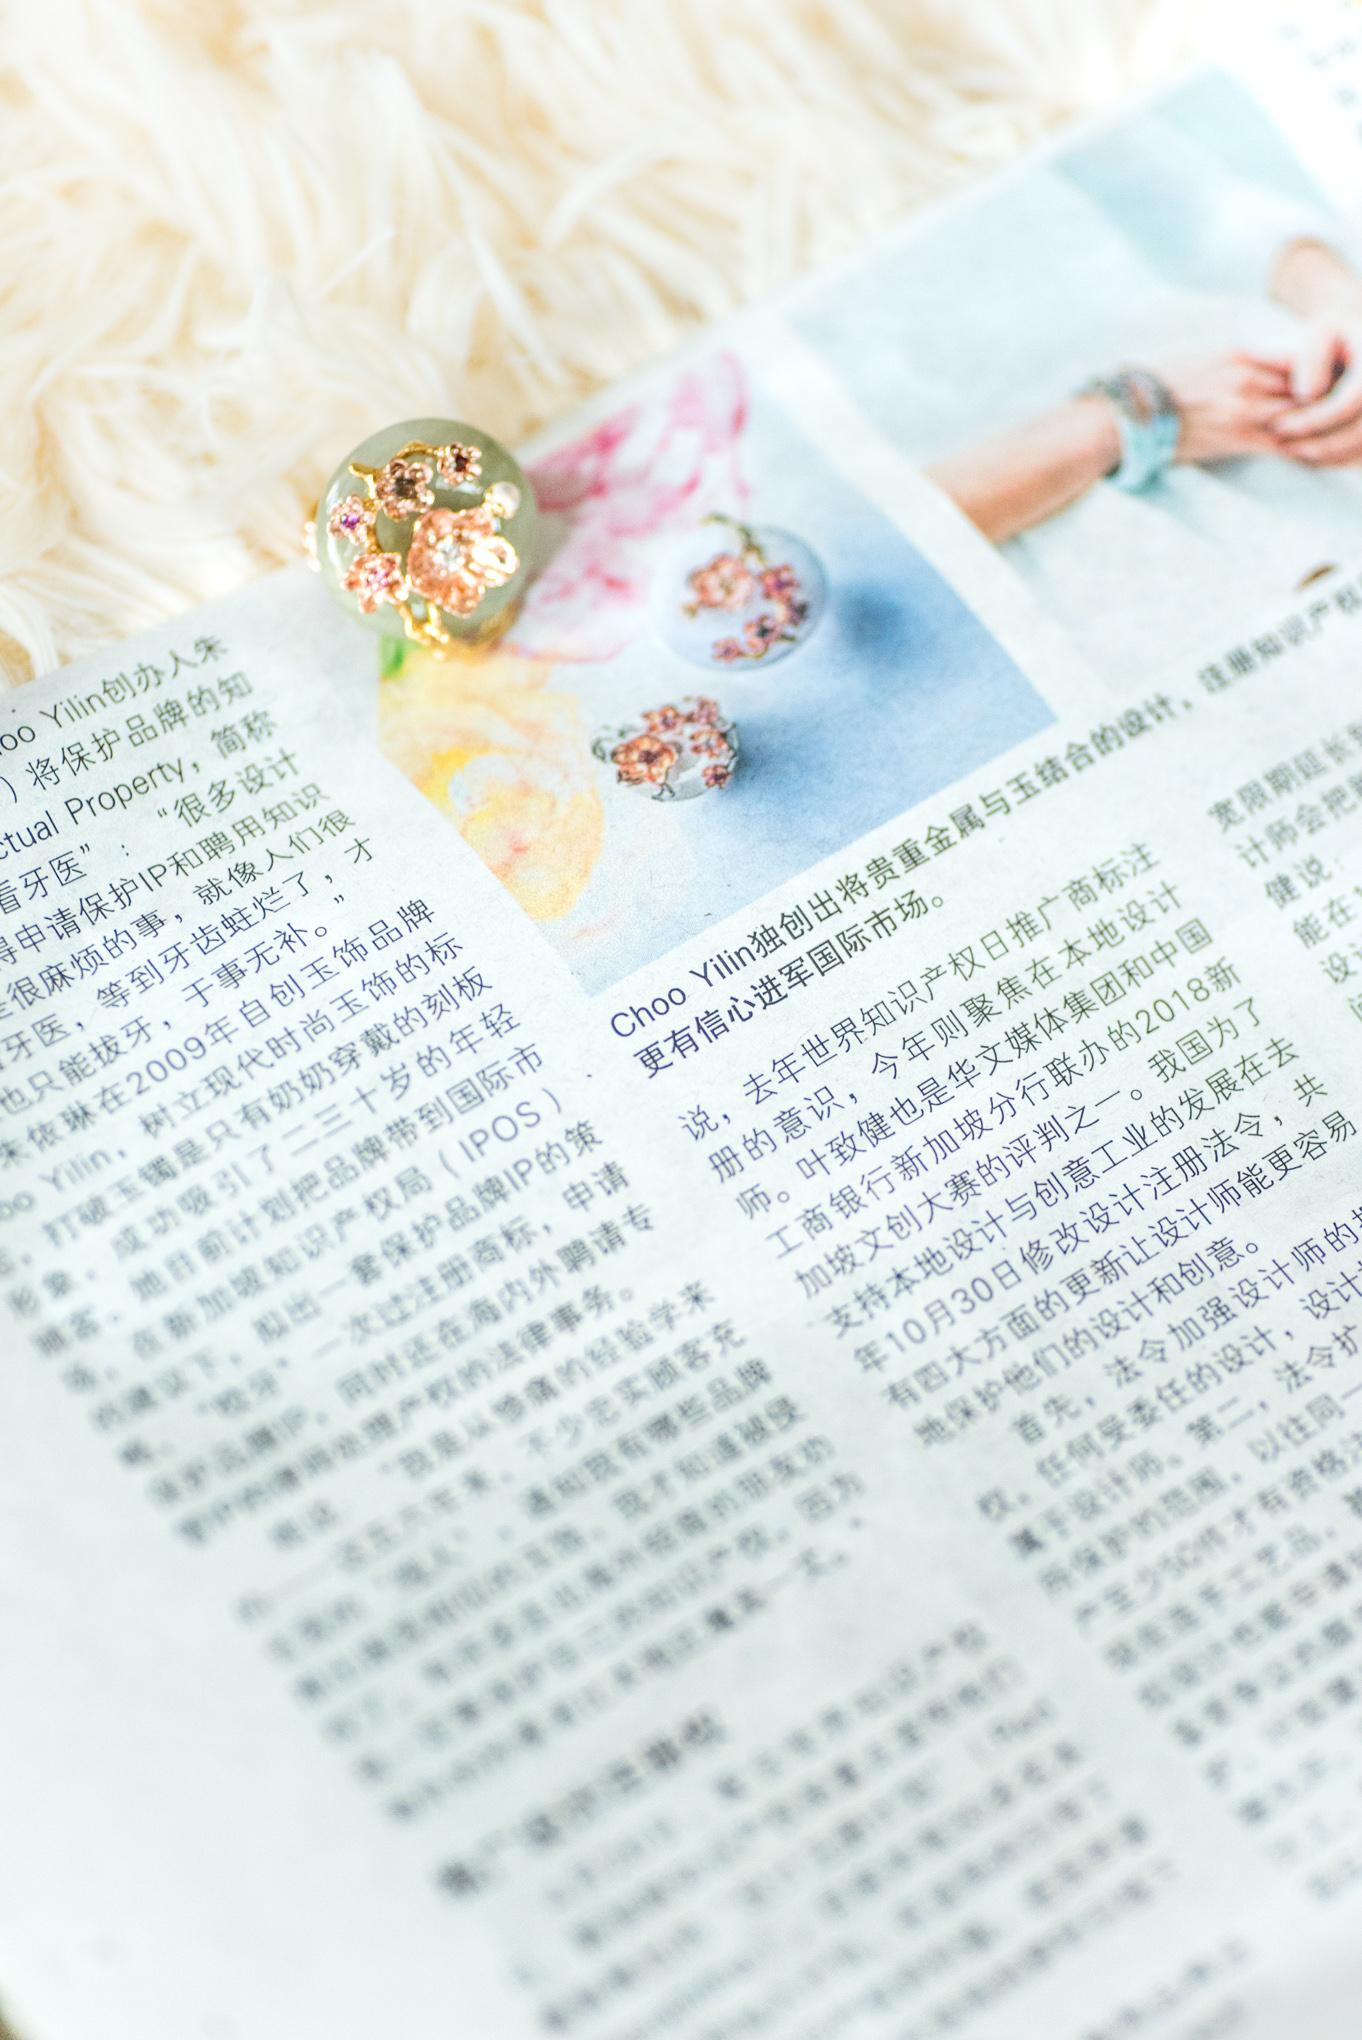 Choo Yilin featured in Lian He Zao Bao Singapore